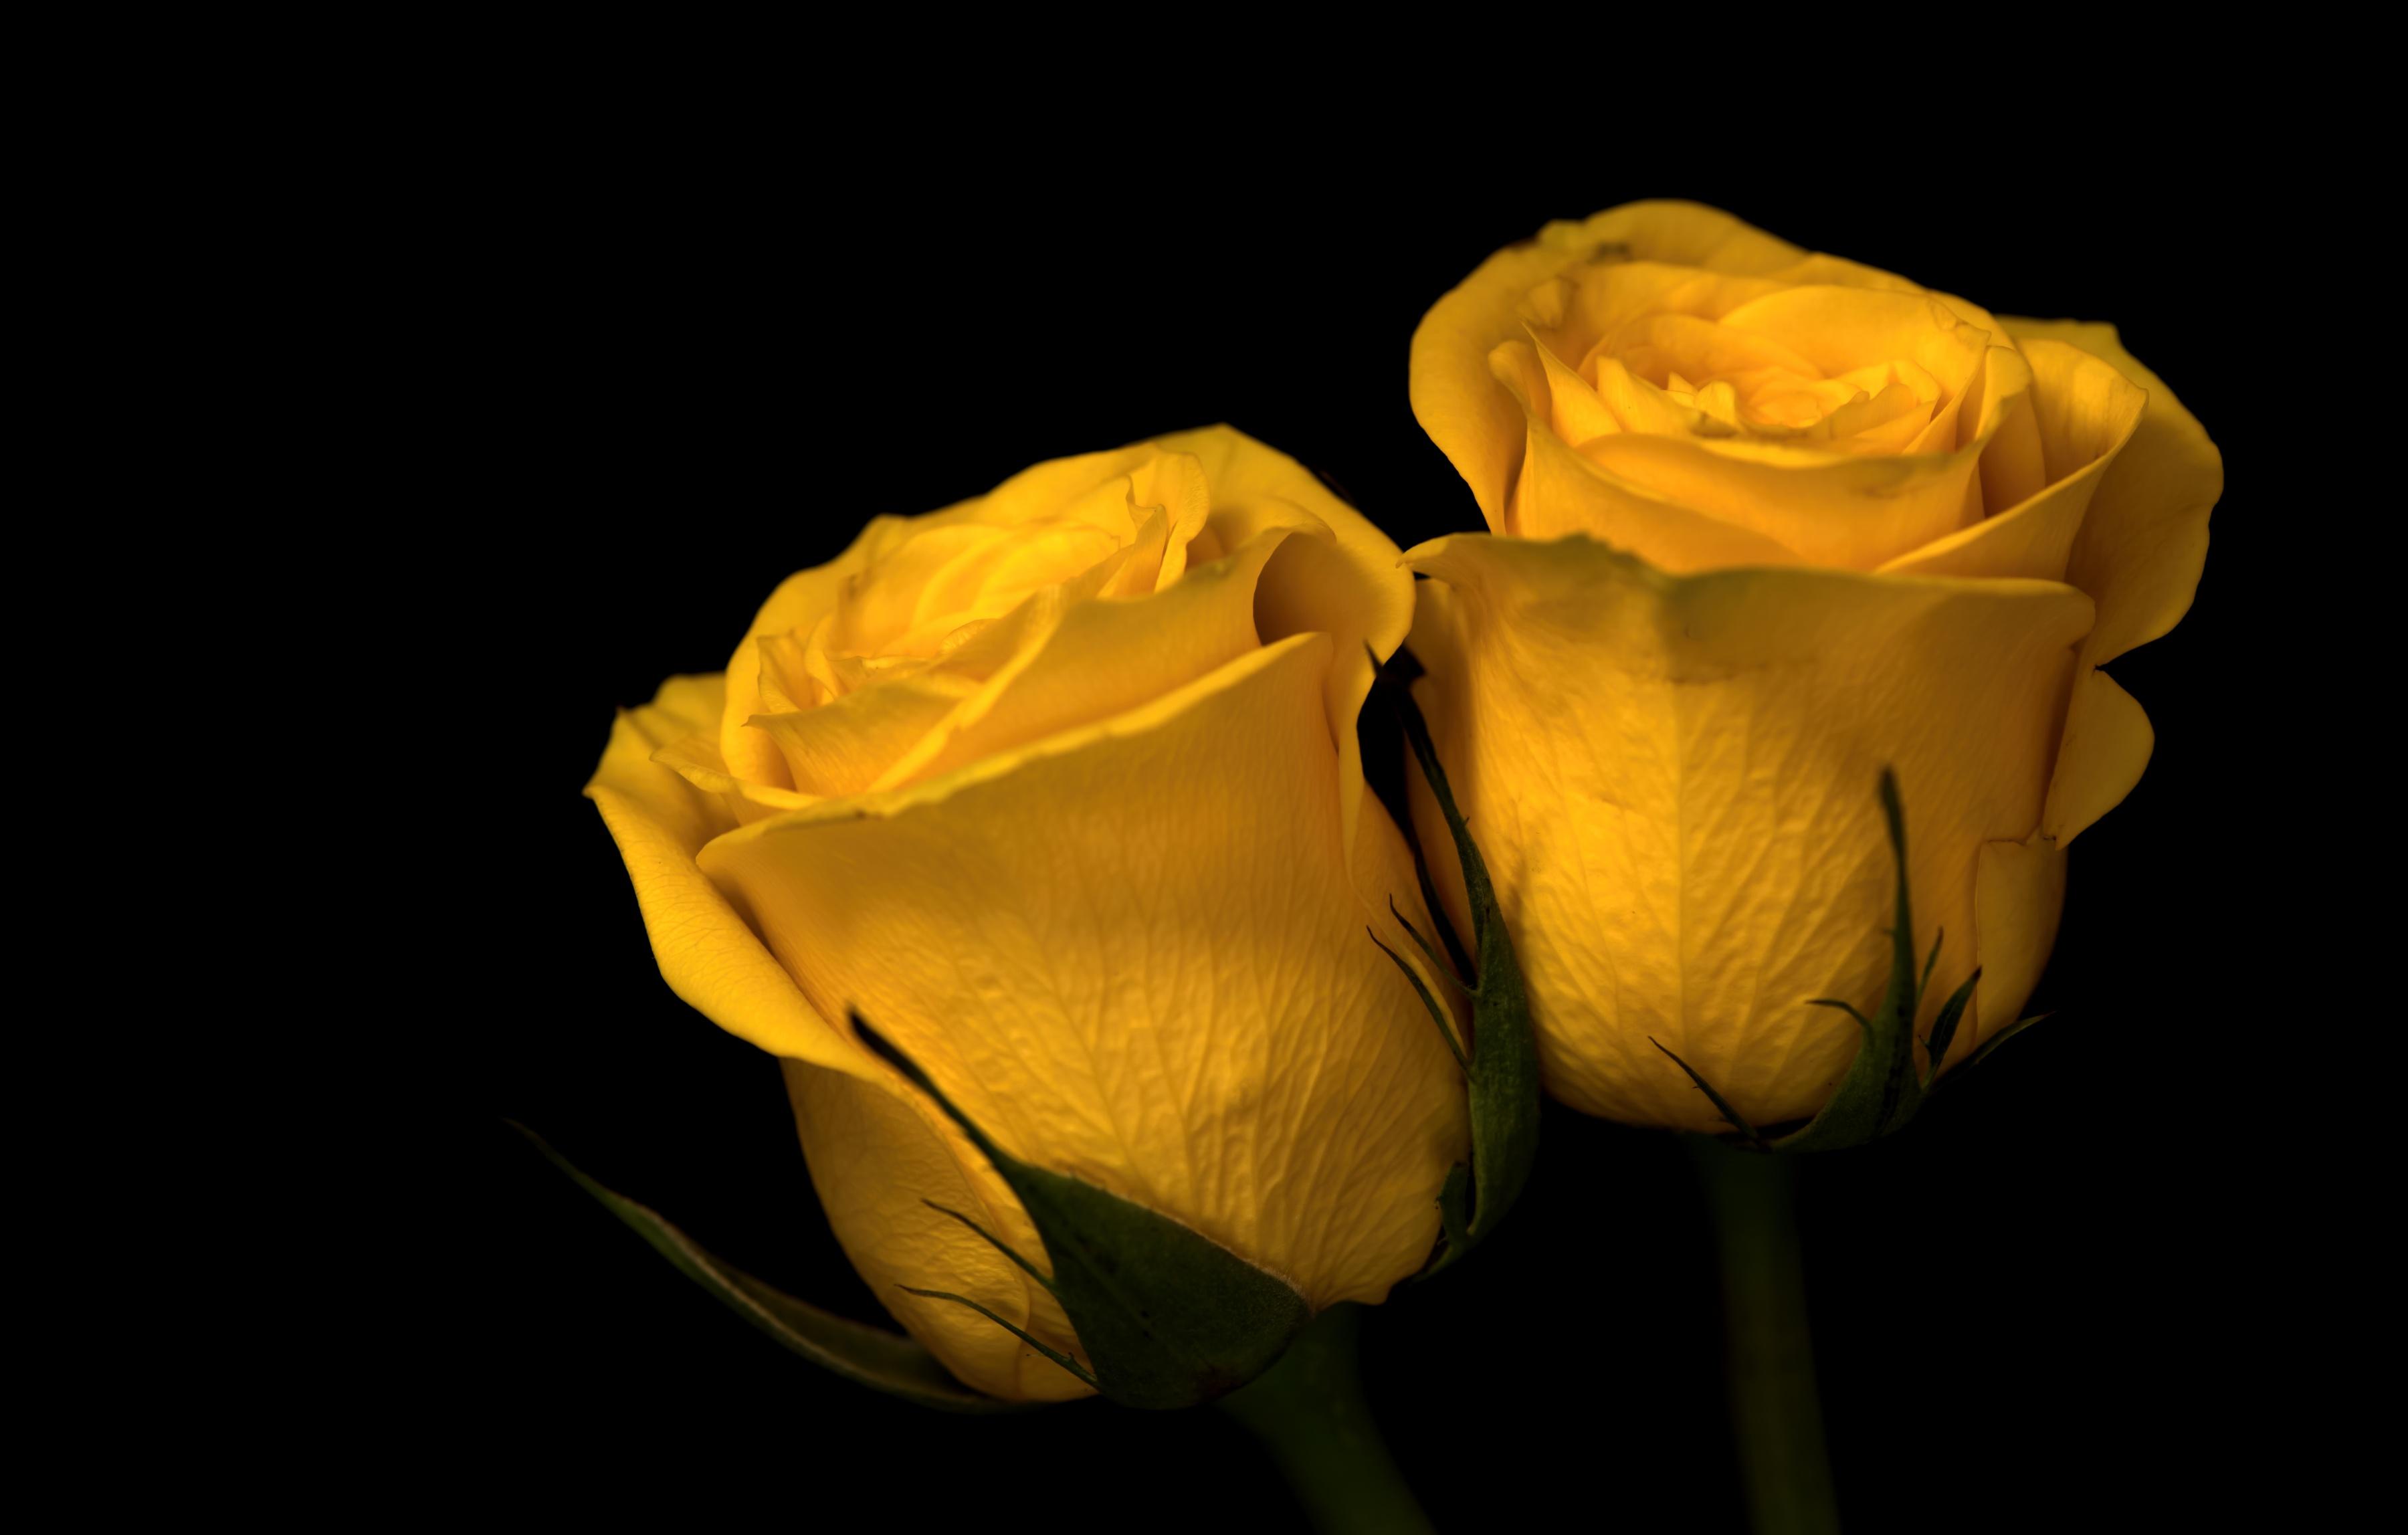 Собак цветами, картинки желтые розы на черном фоне